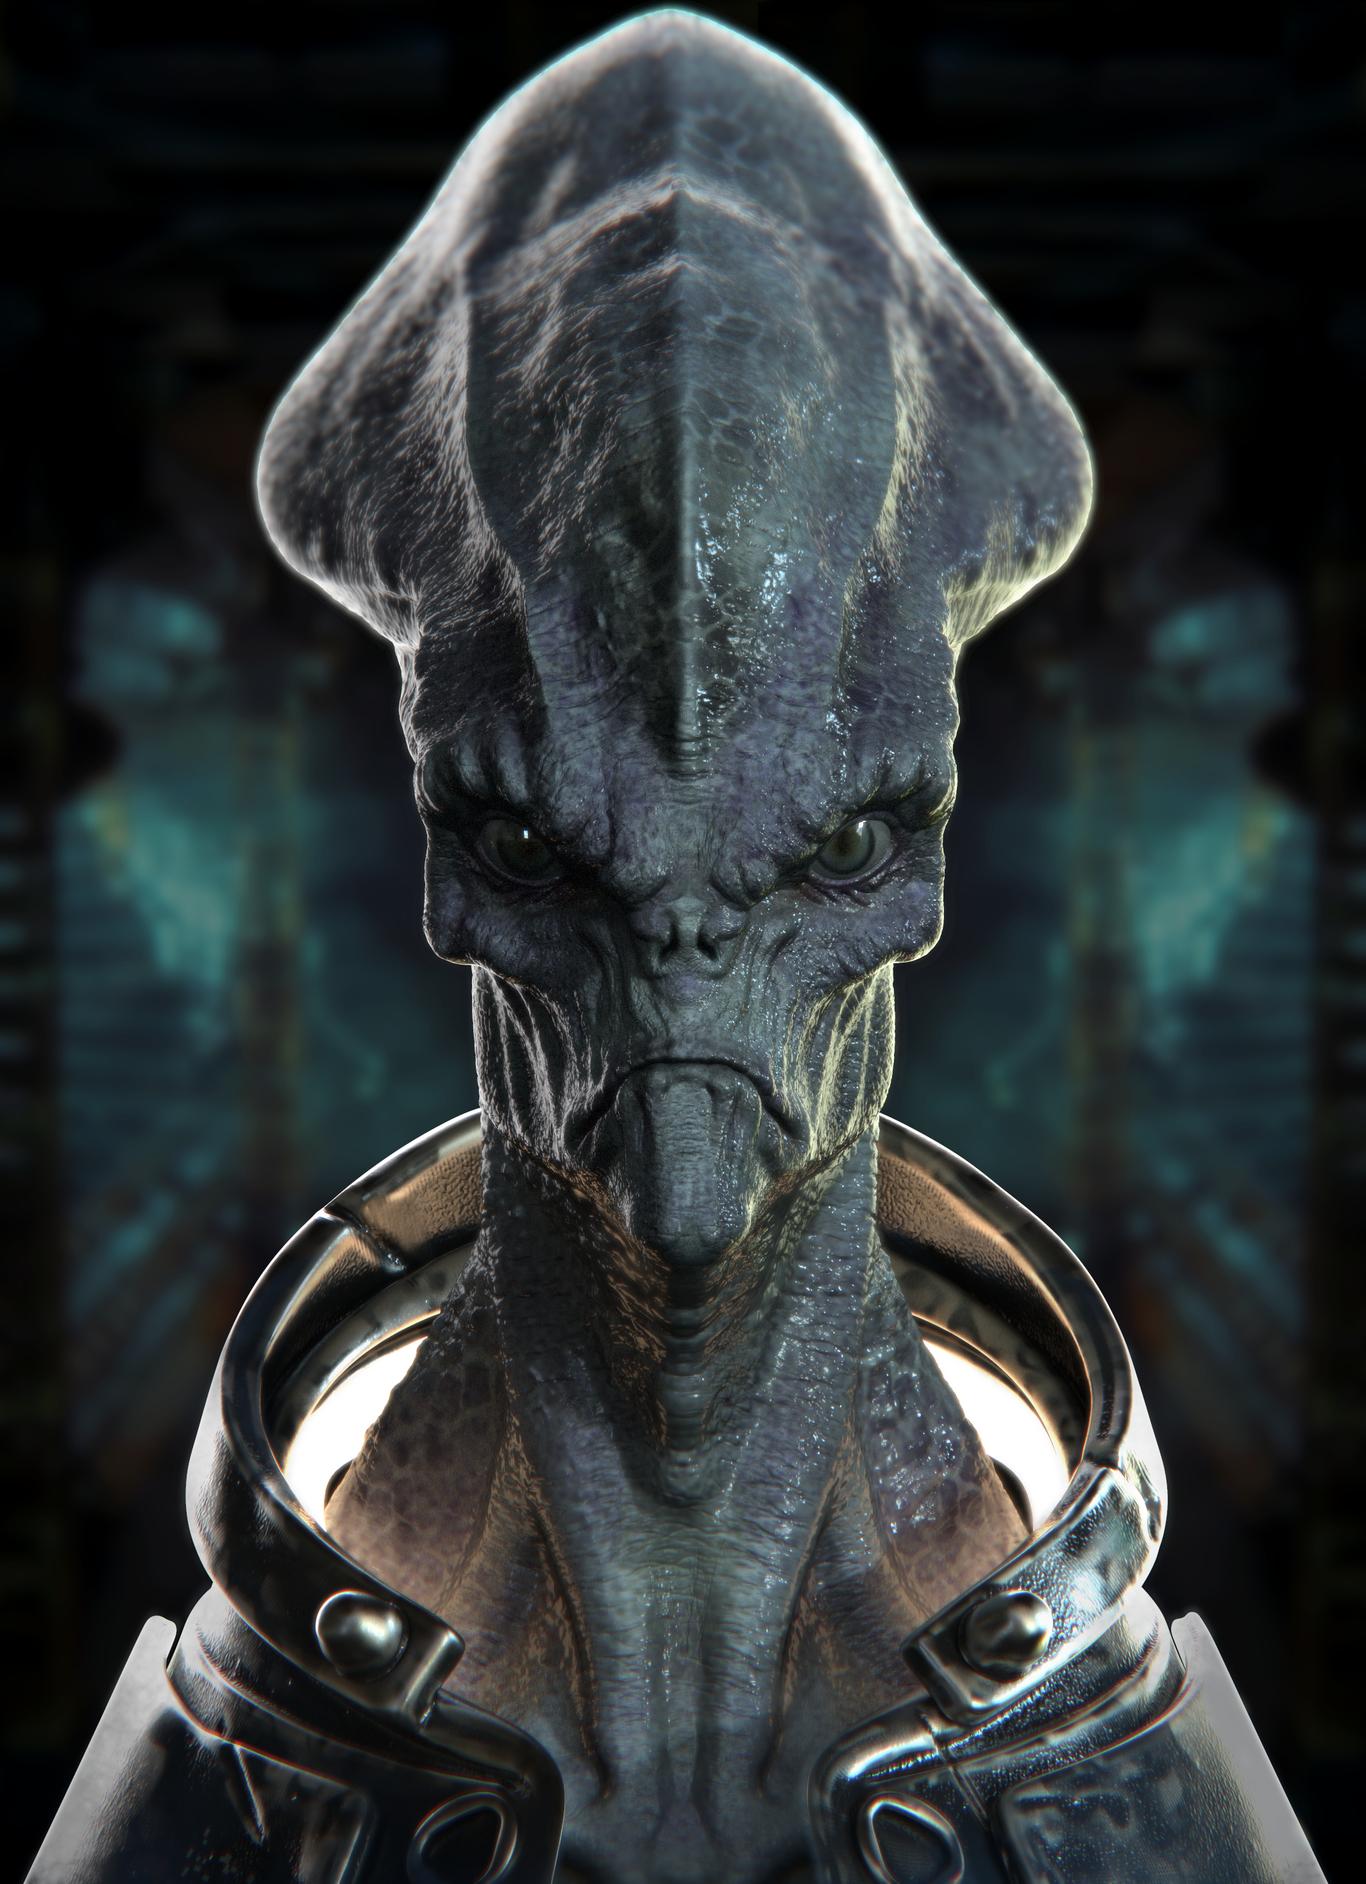 Fabiodamico alien 1 8ec9c6db 7cuh